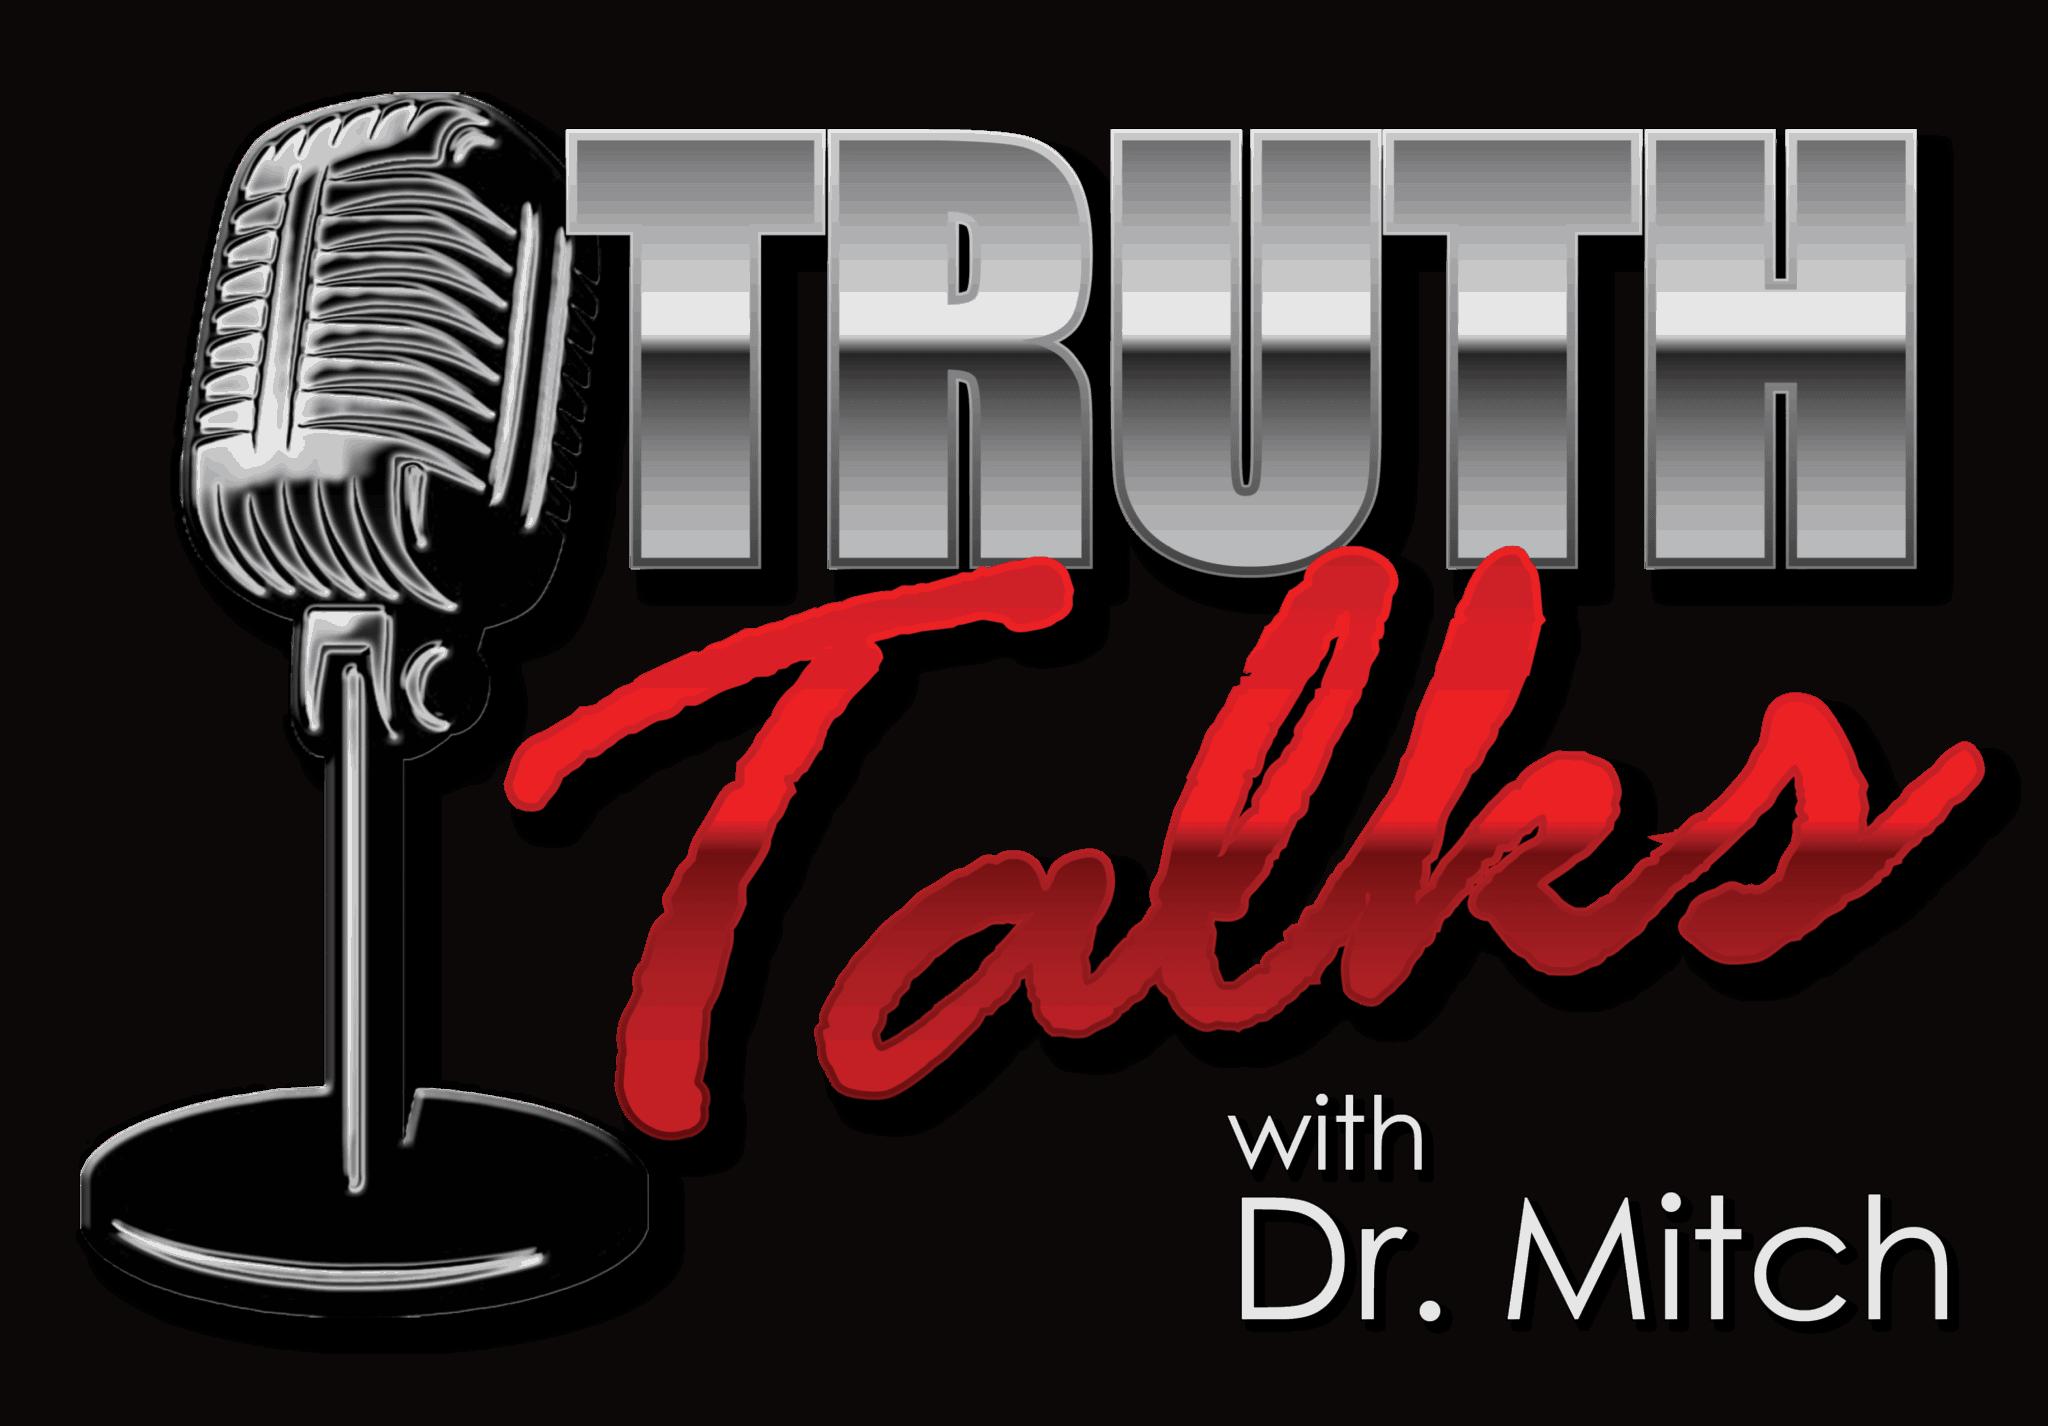 Truth_Talks_Metallic_Dr_Mitch-2048x1426